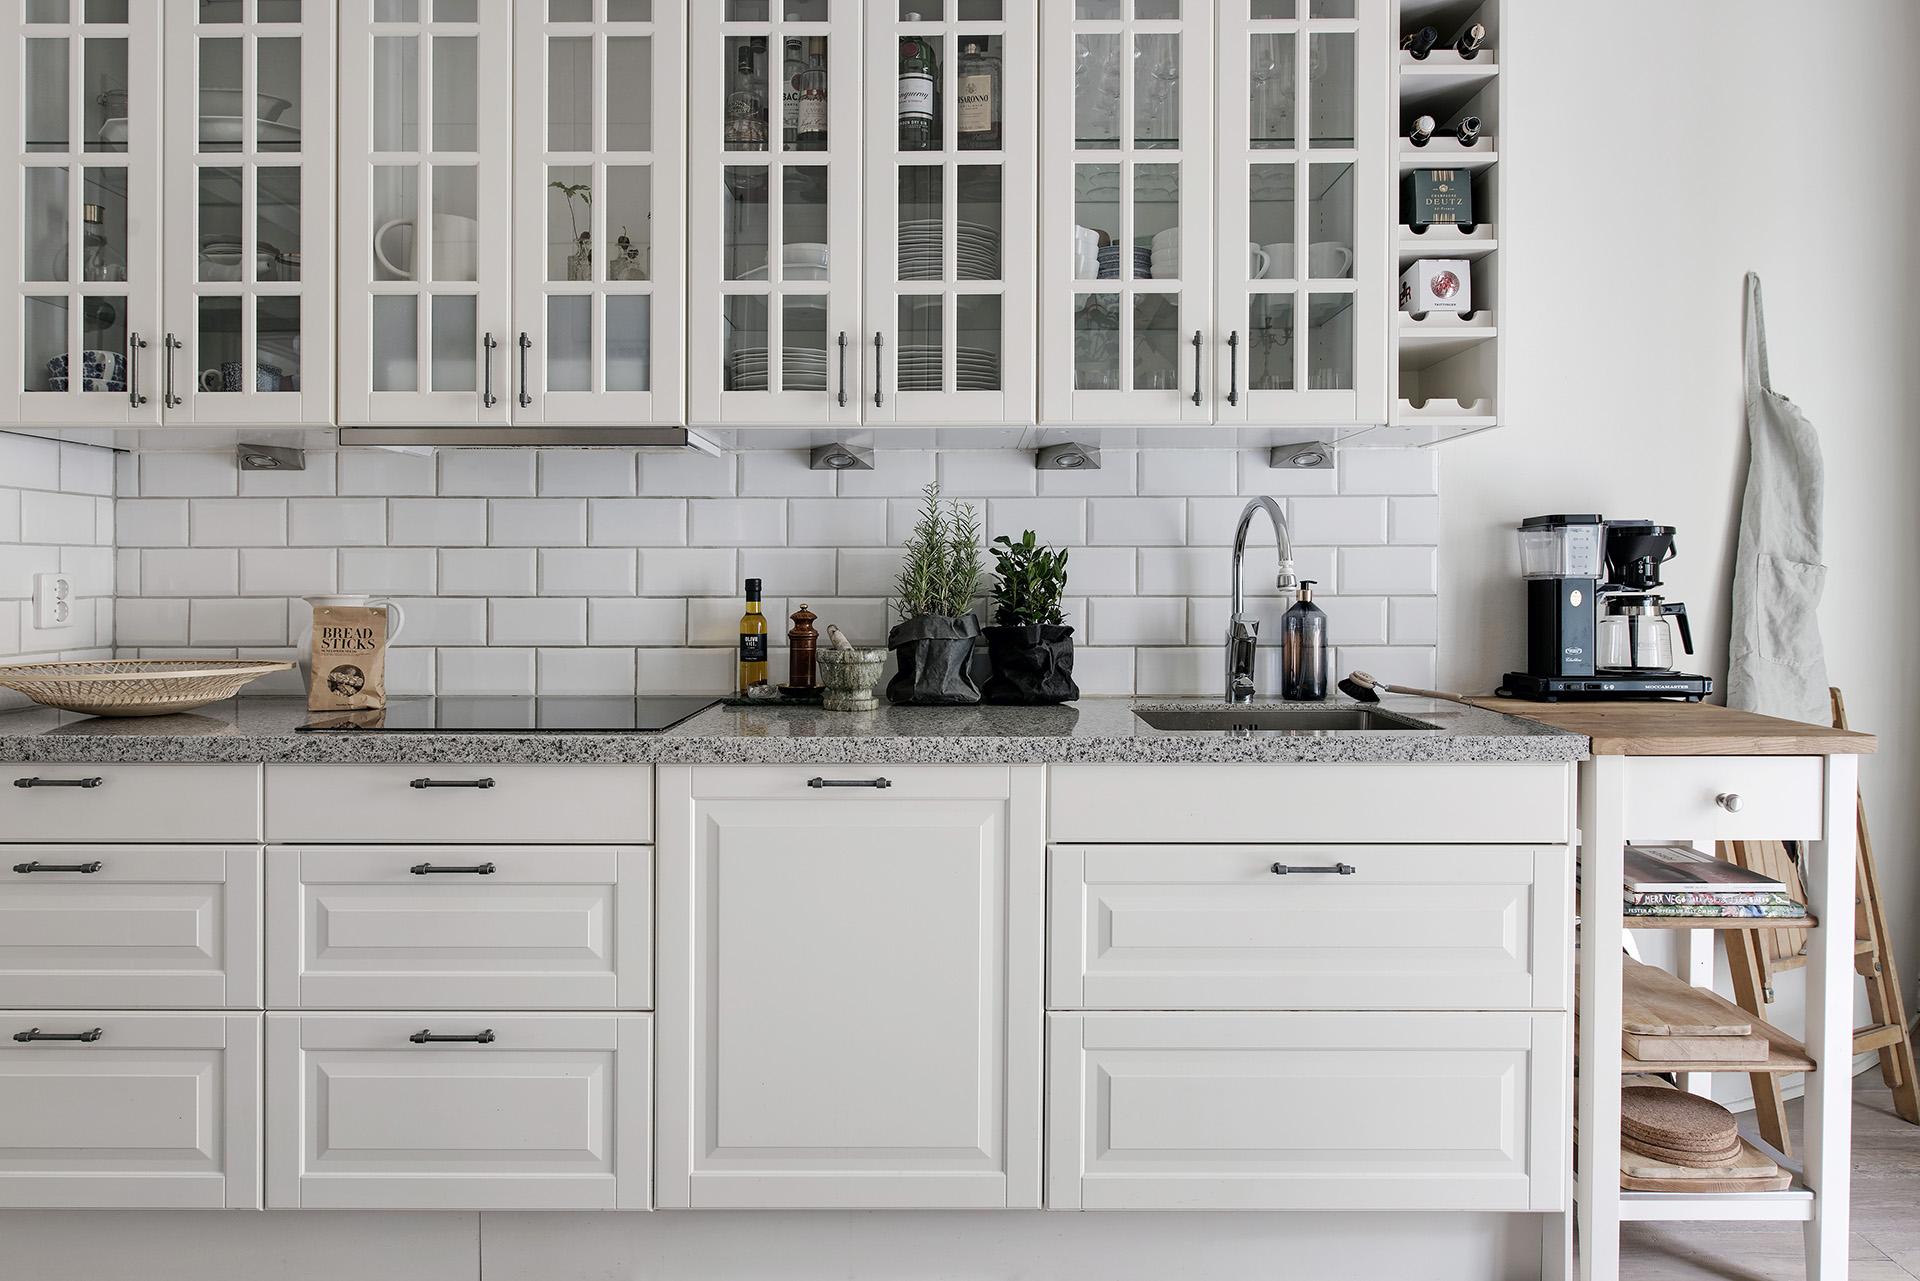 Armarios vitrina en la cocina blog tienda decoraci n for Decoracion cocinas blancas